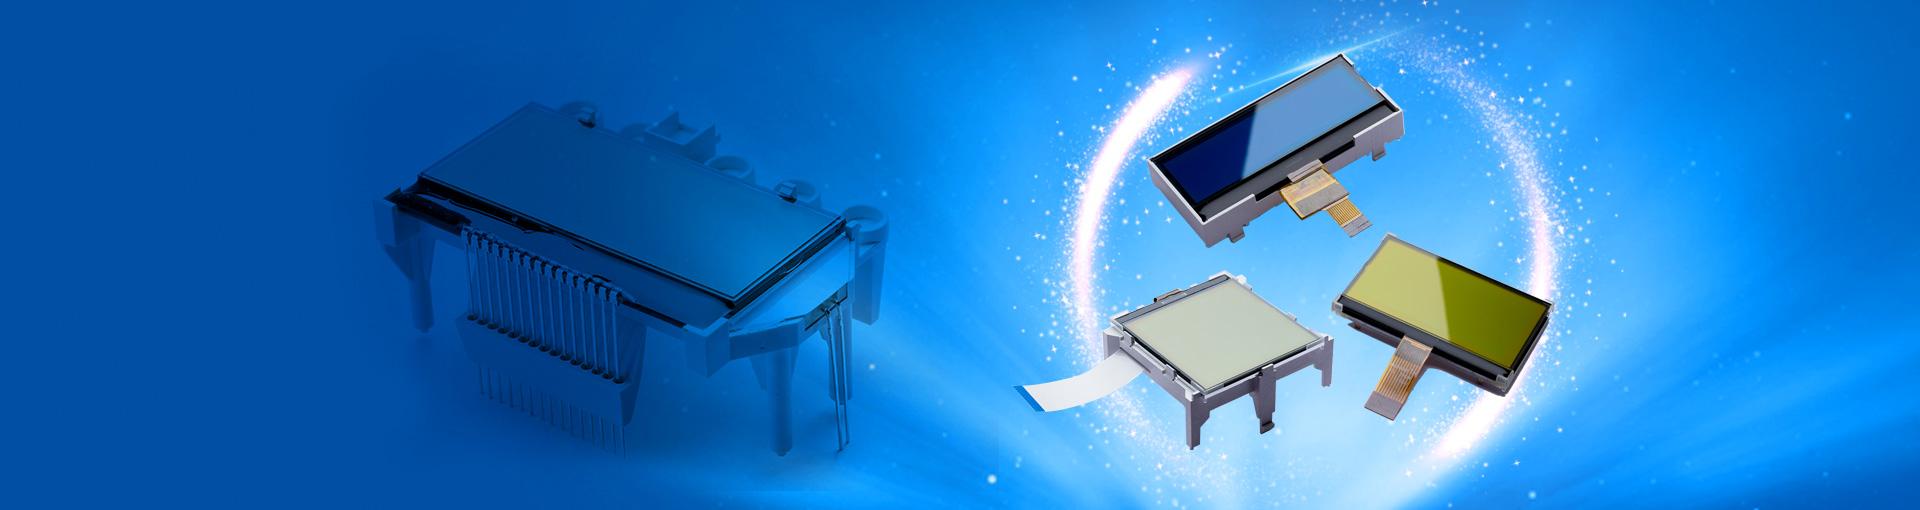 定制LCD产品